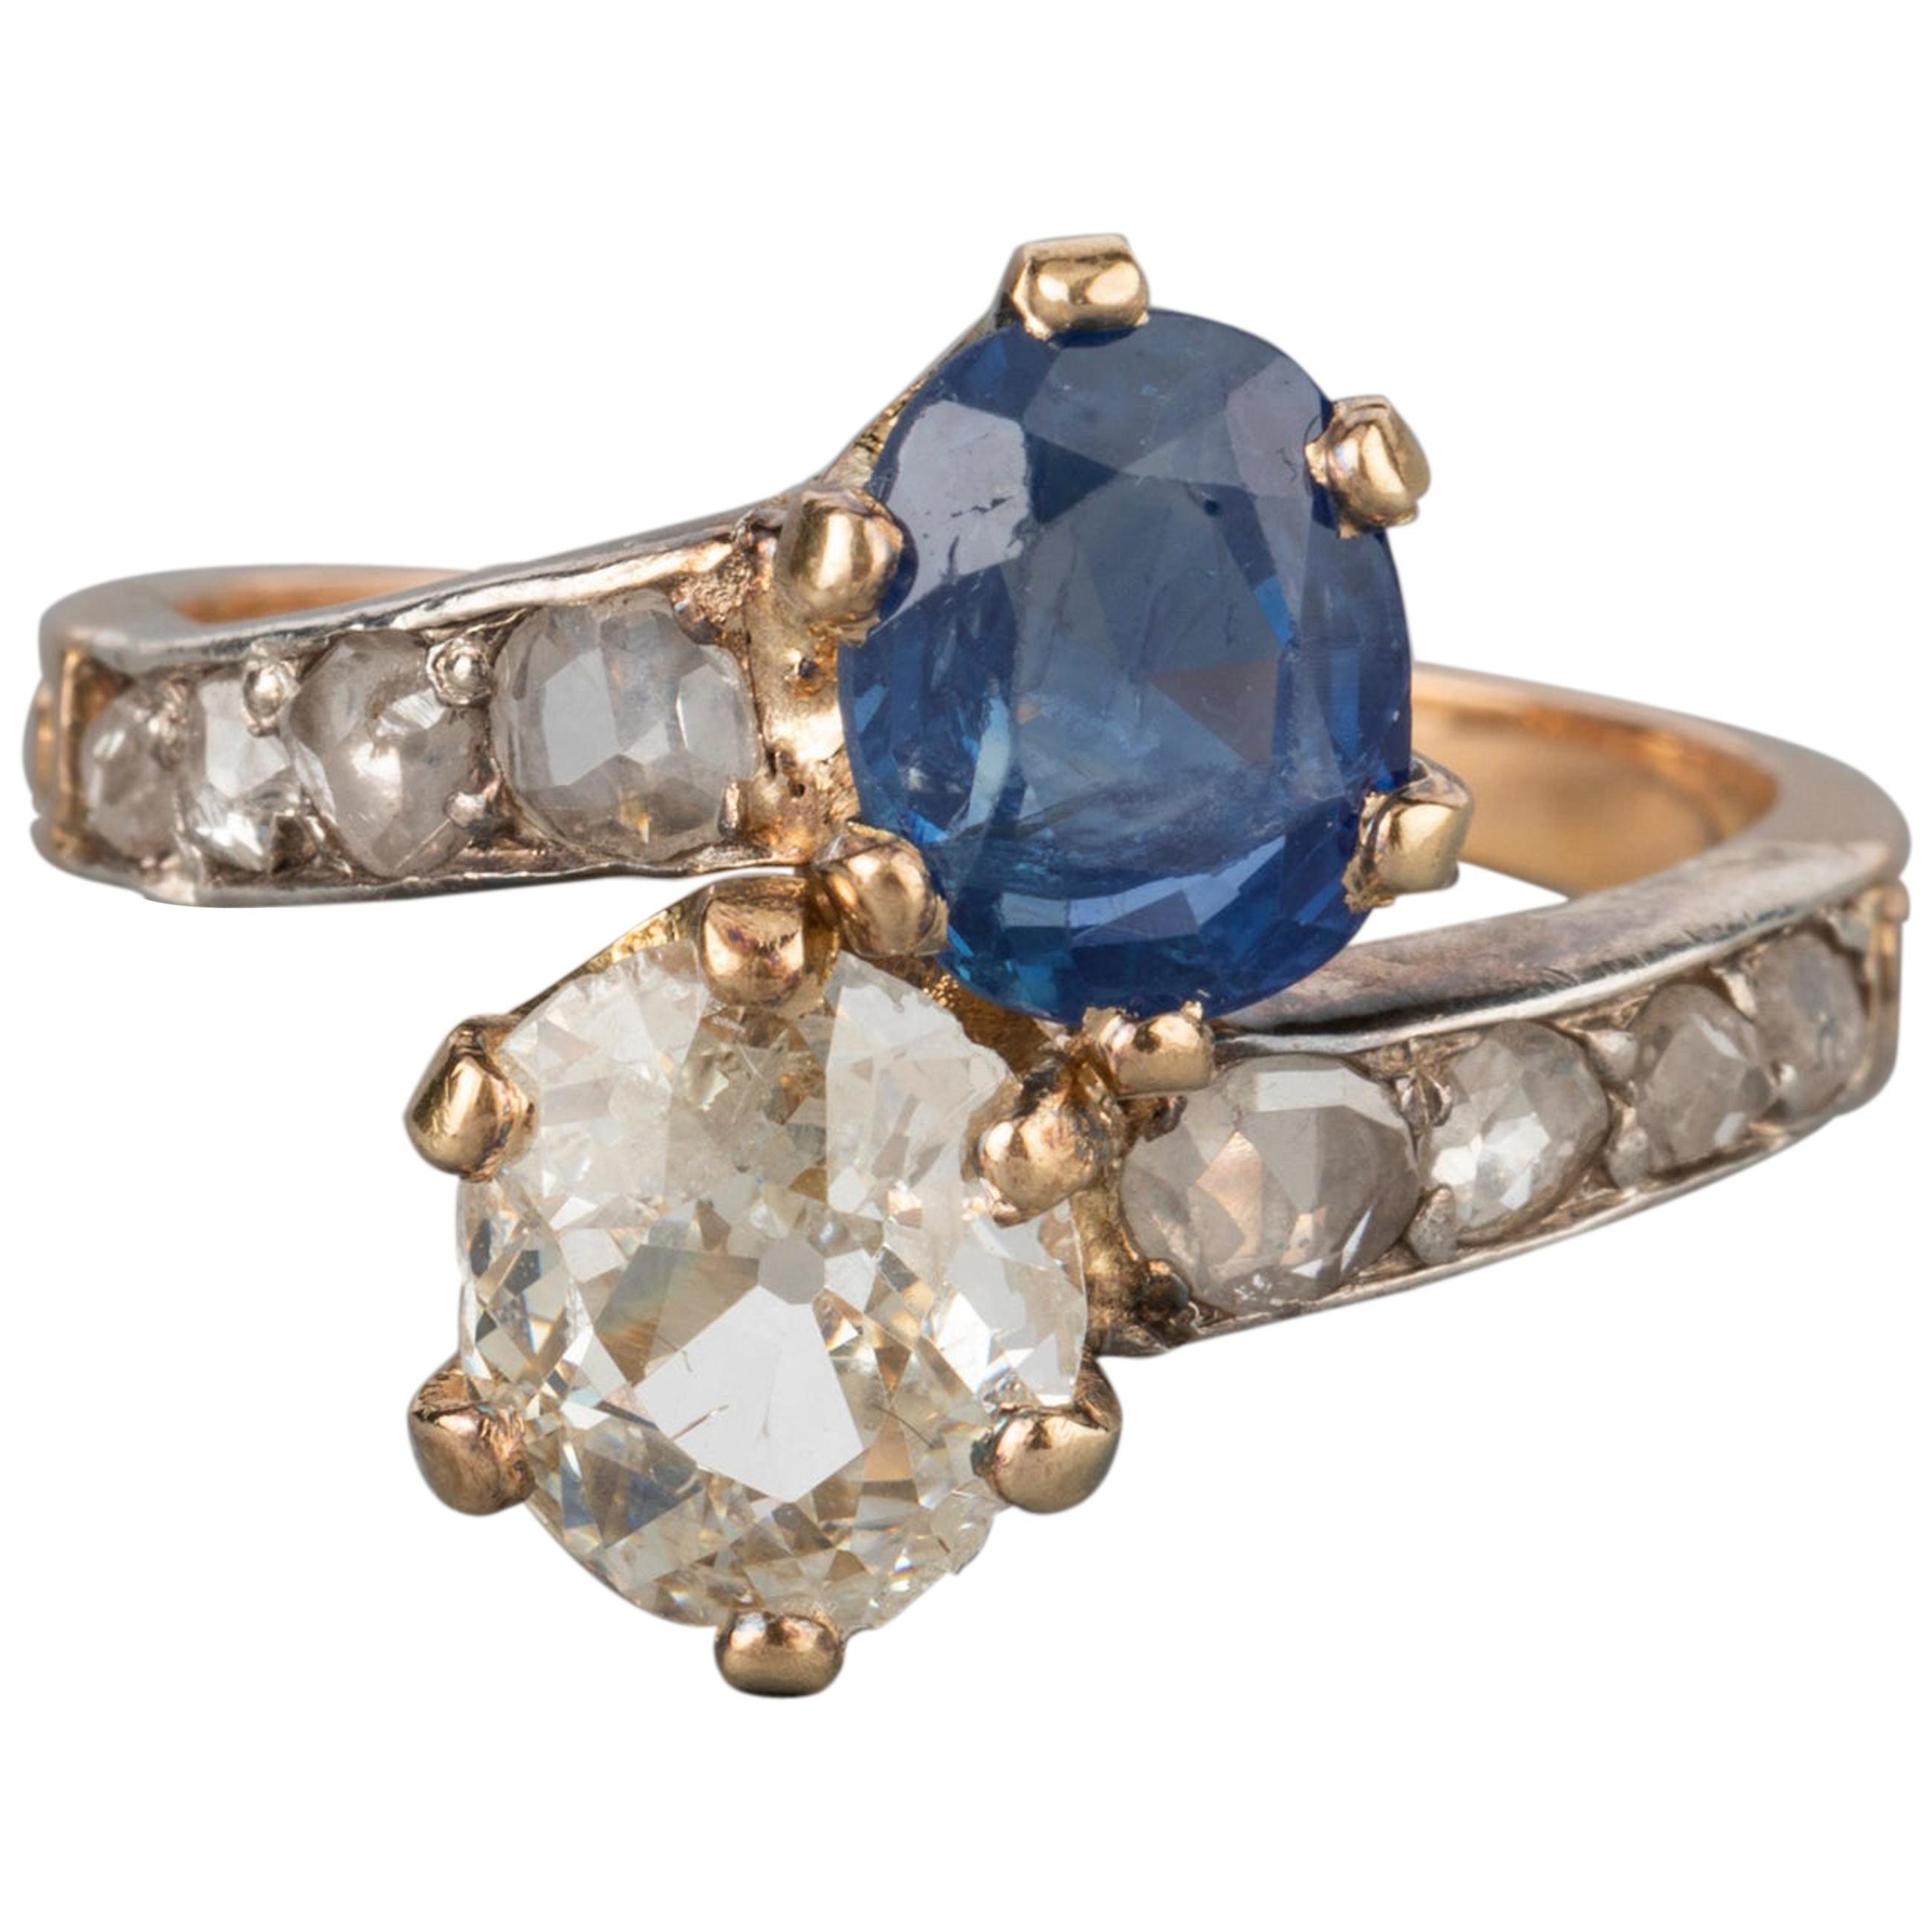 Antique Diamonds and Sapphire Belle Époque Ring